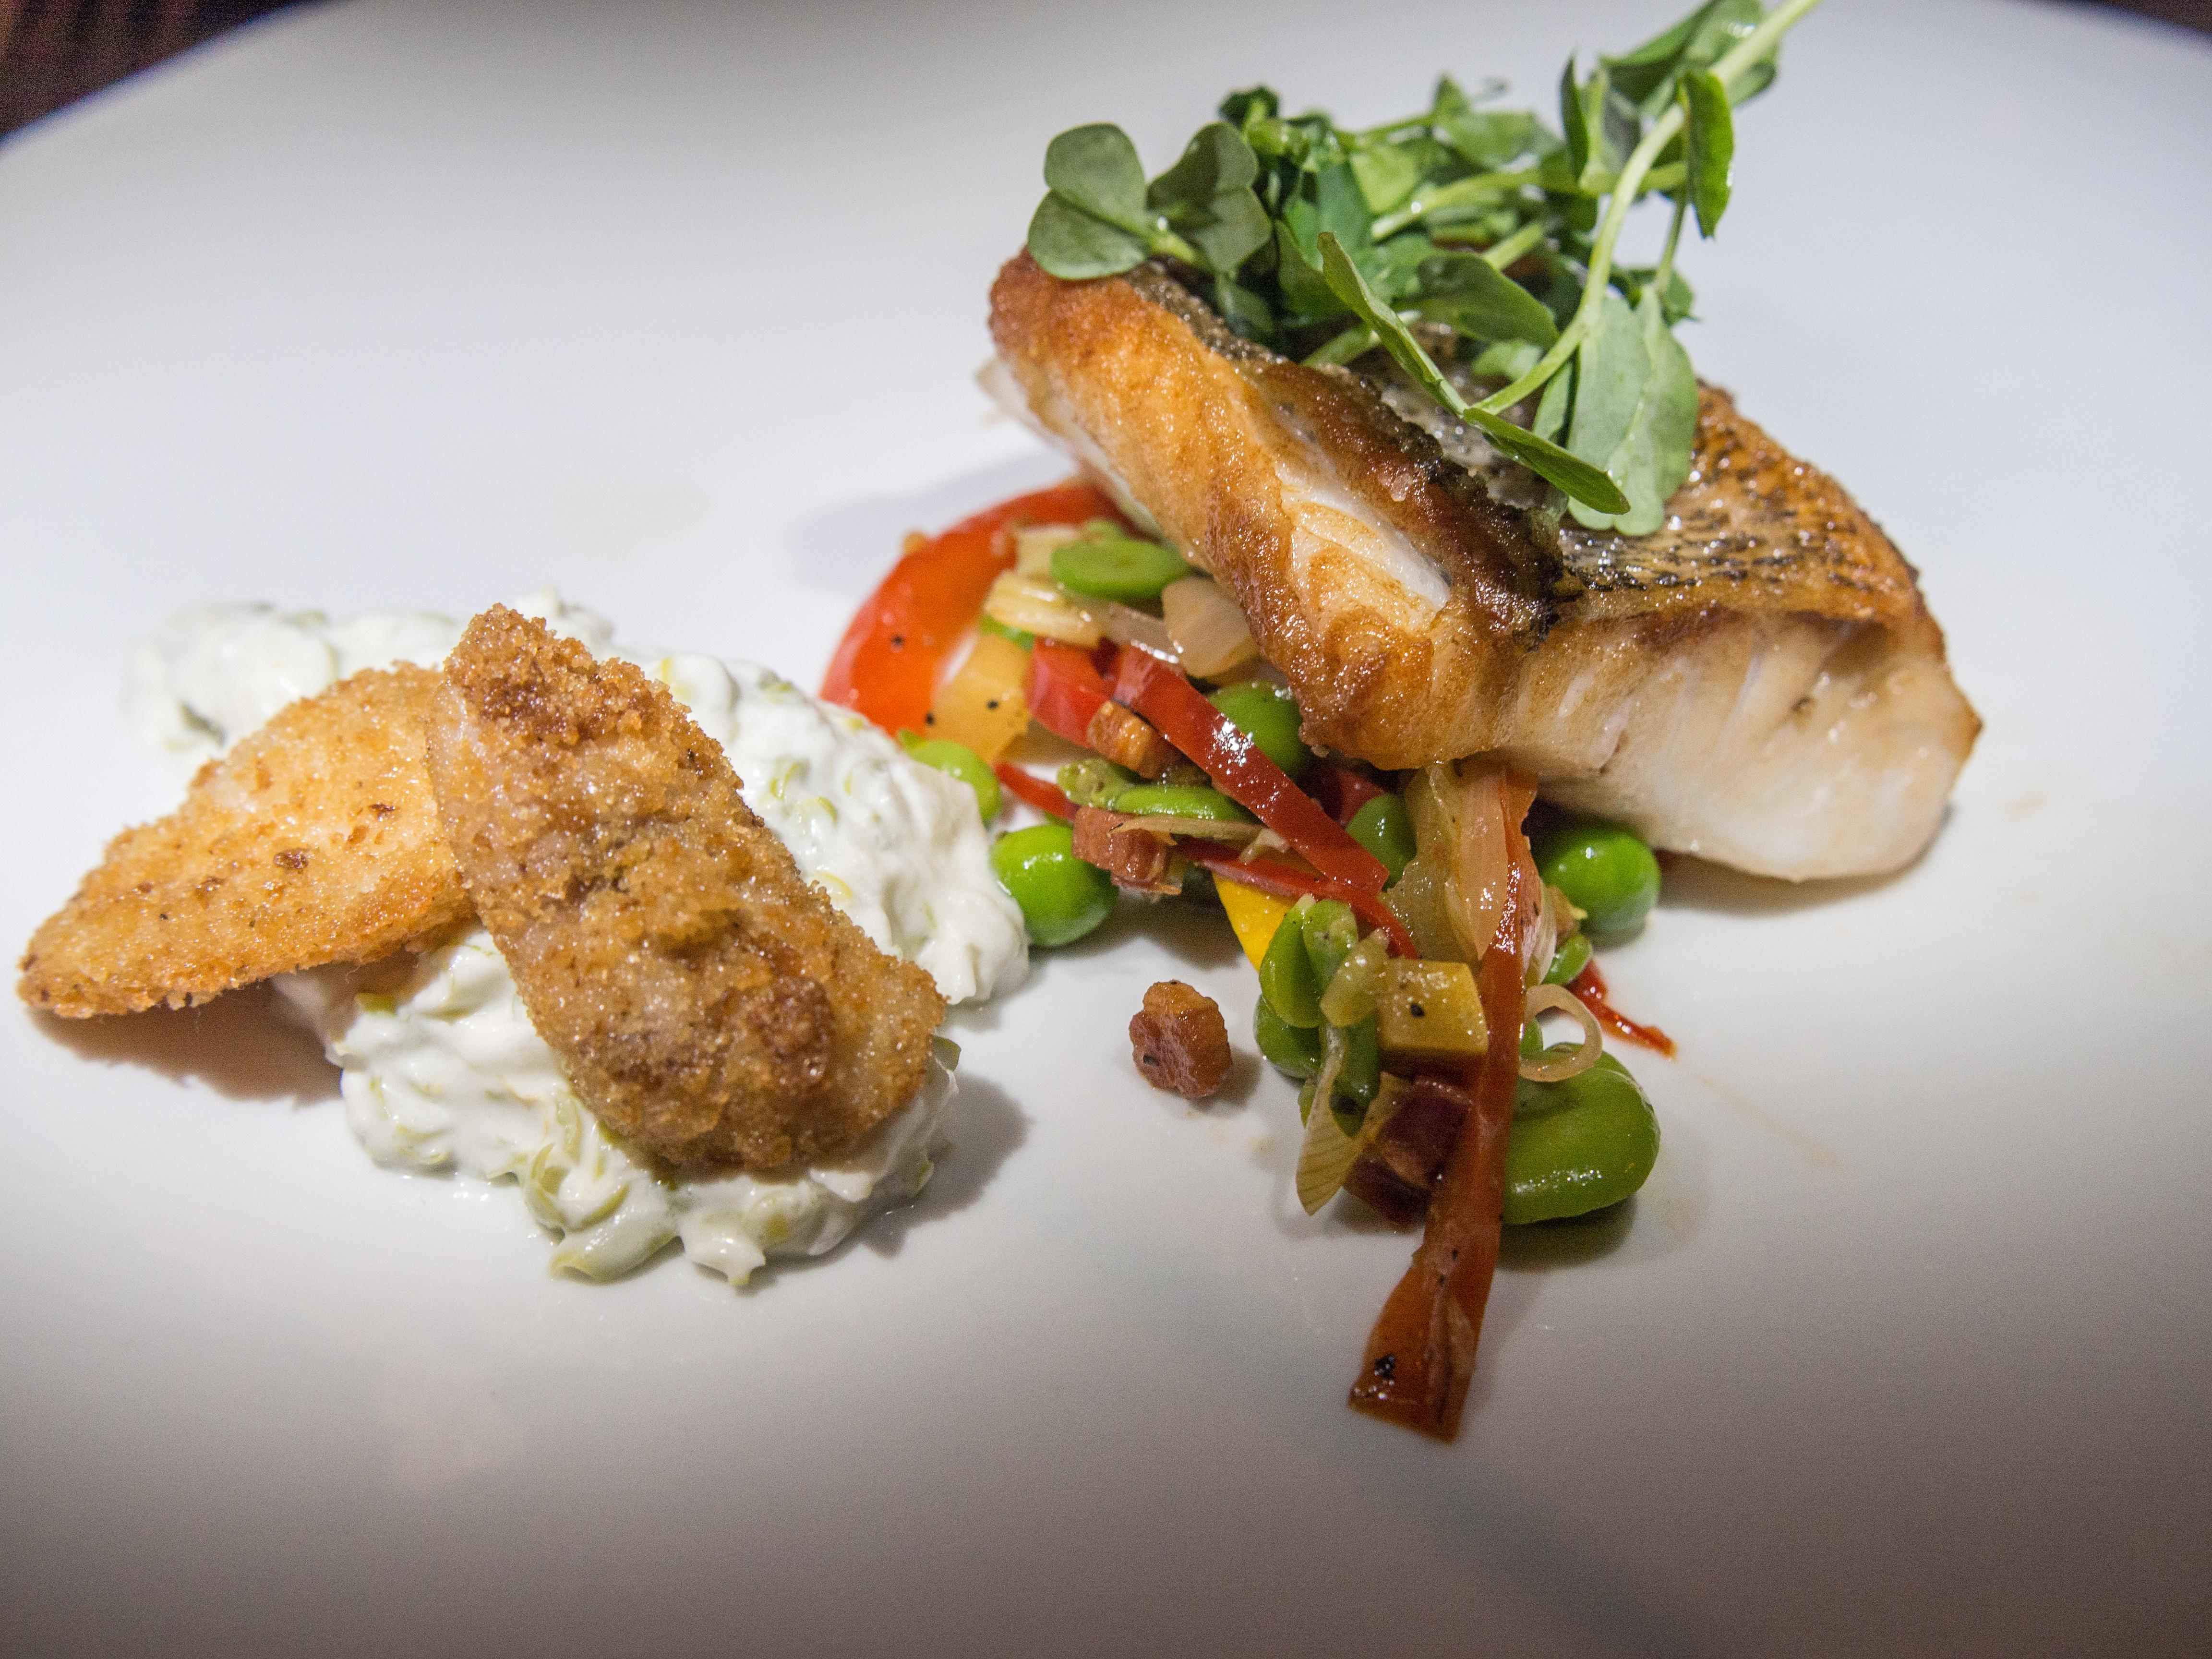 Perch vs cod taste for Cod fish nutrition